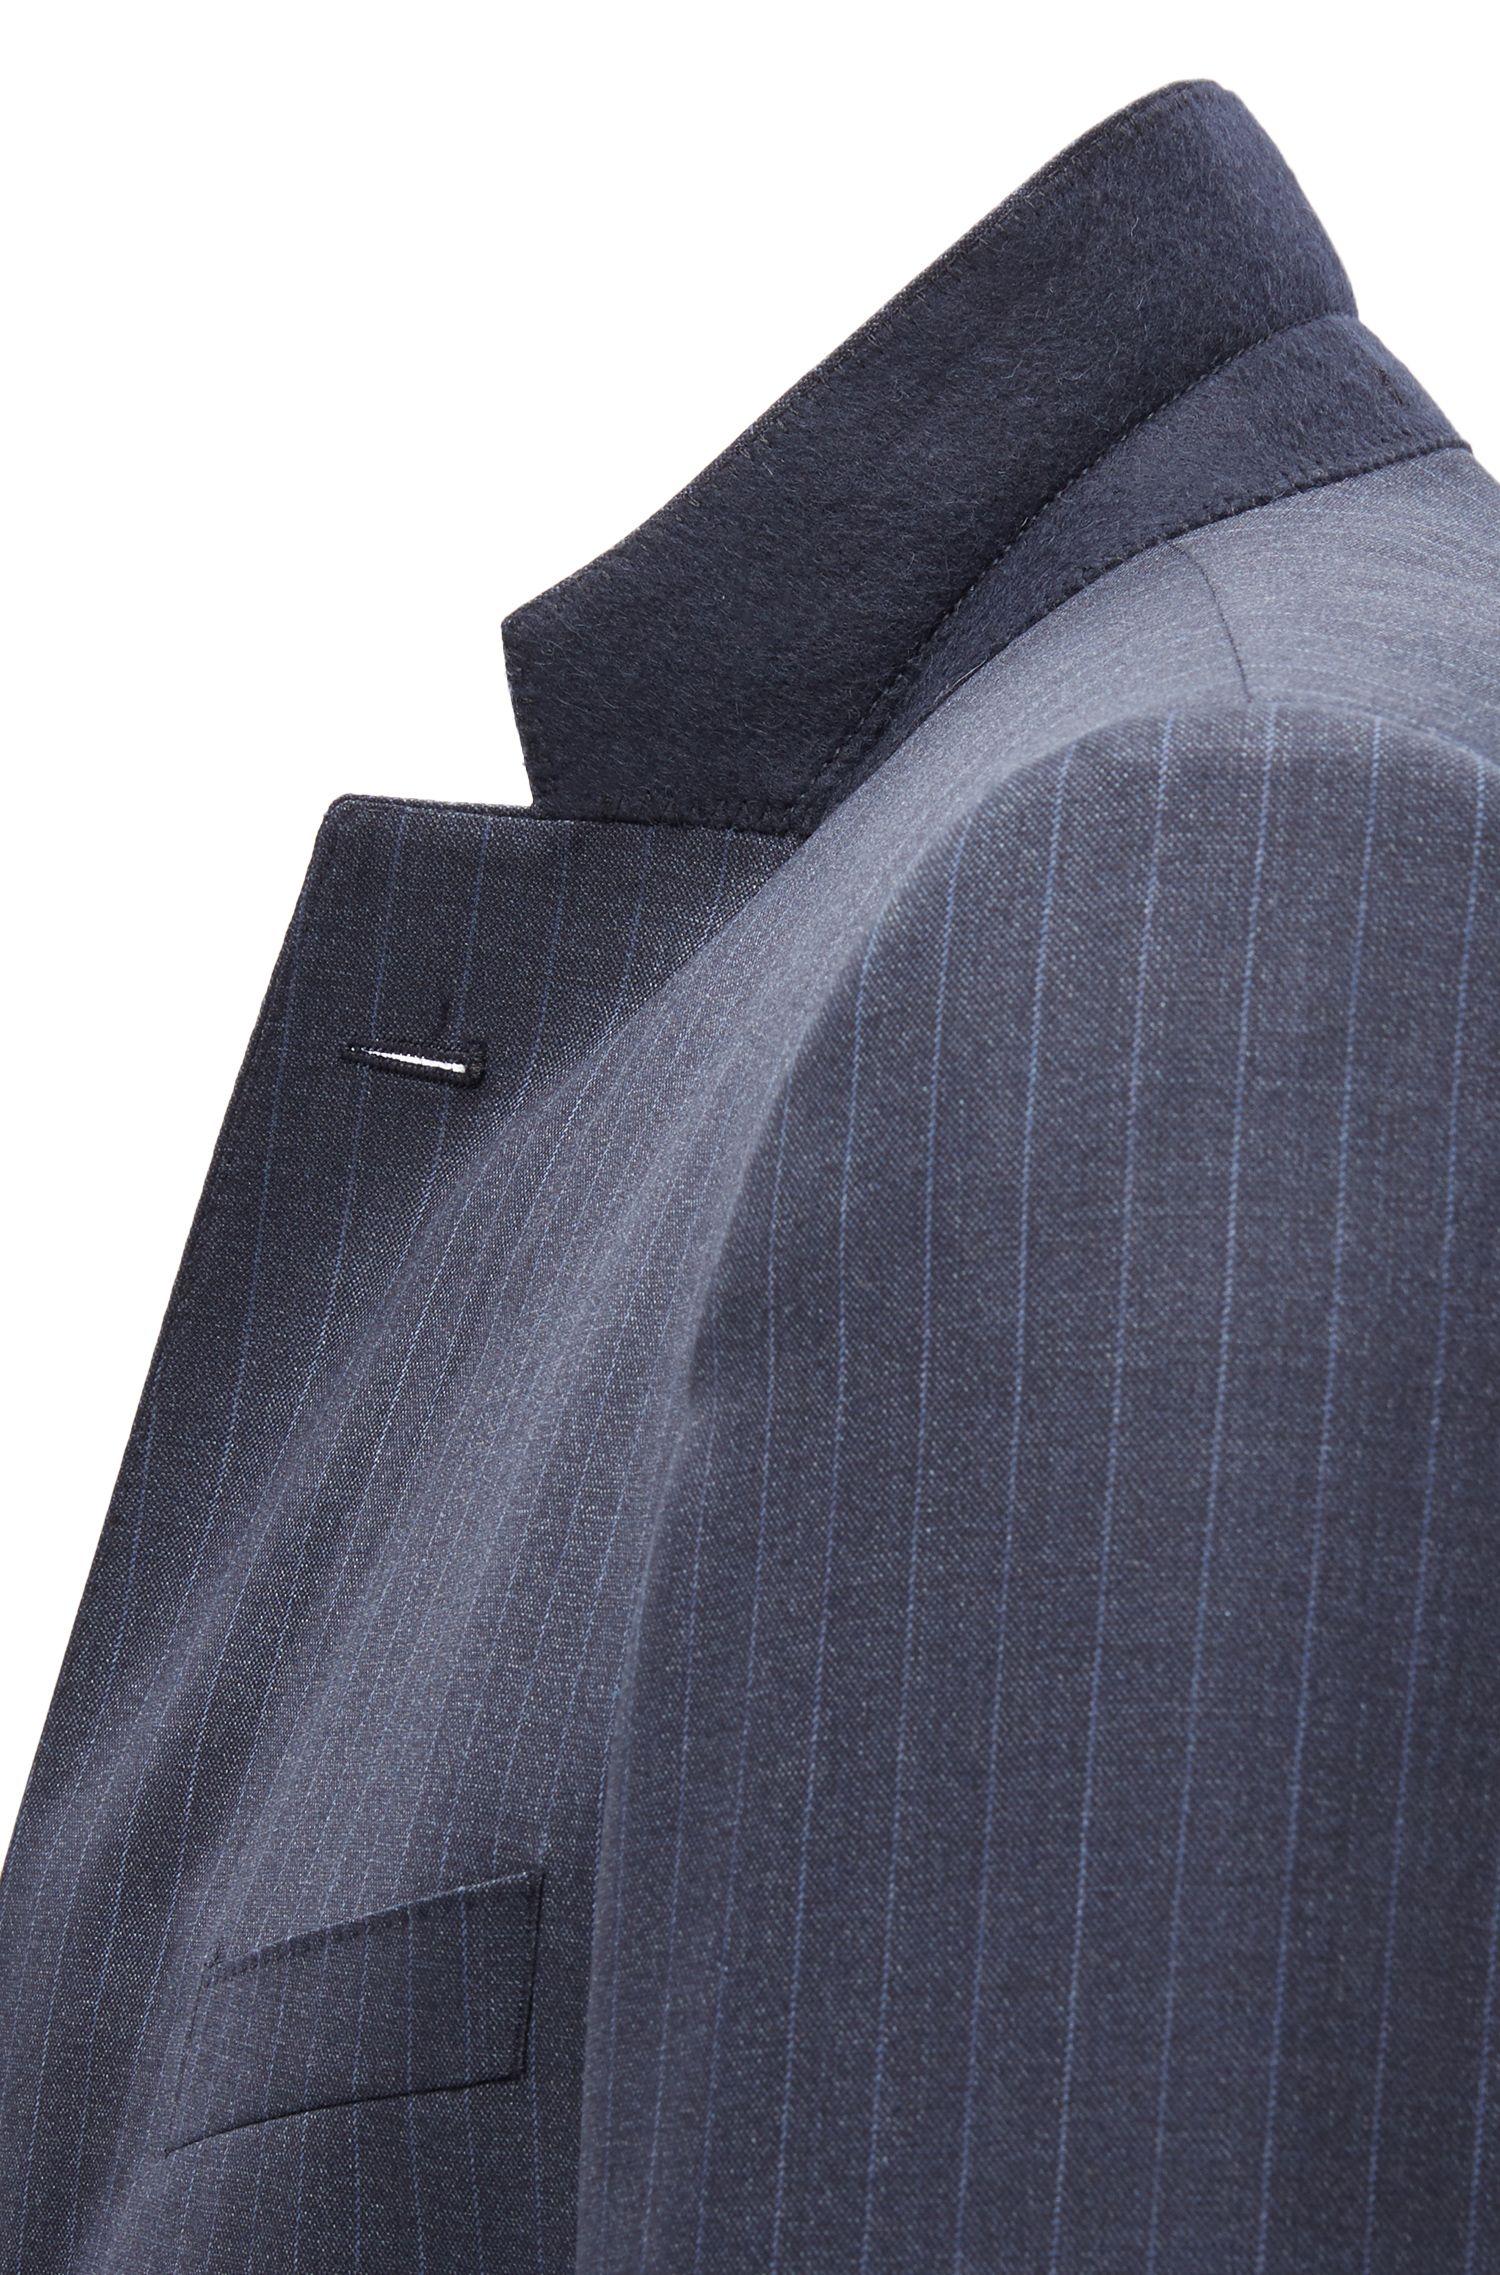 Pinstriped Virgin Wool Suit, Slim Fit | Huge/Genius